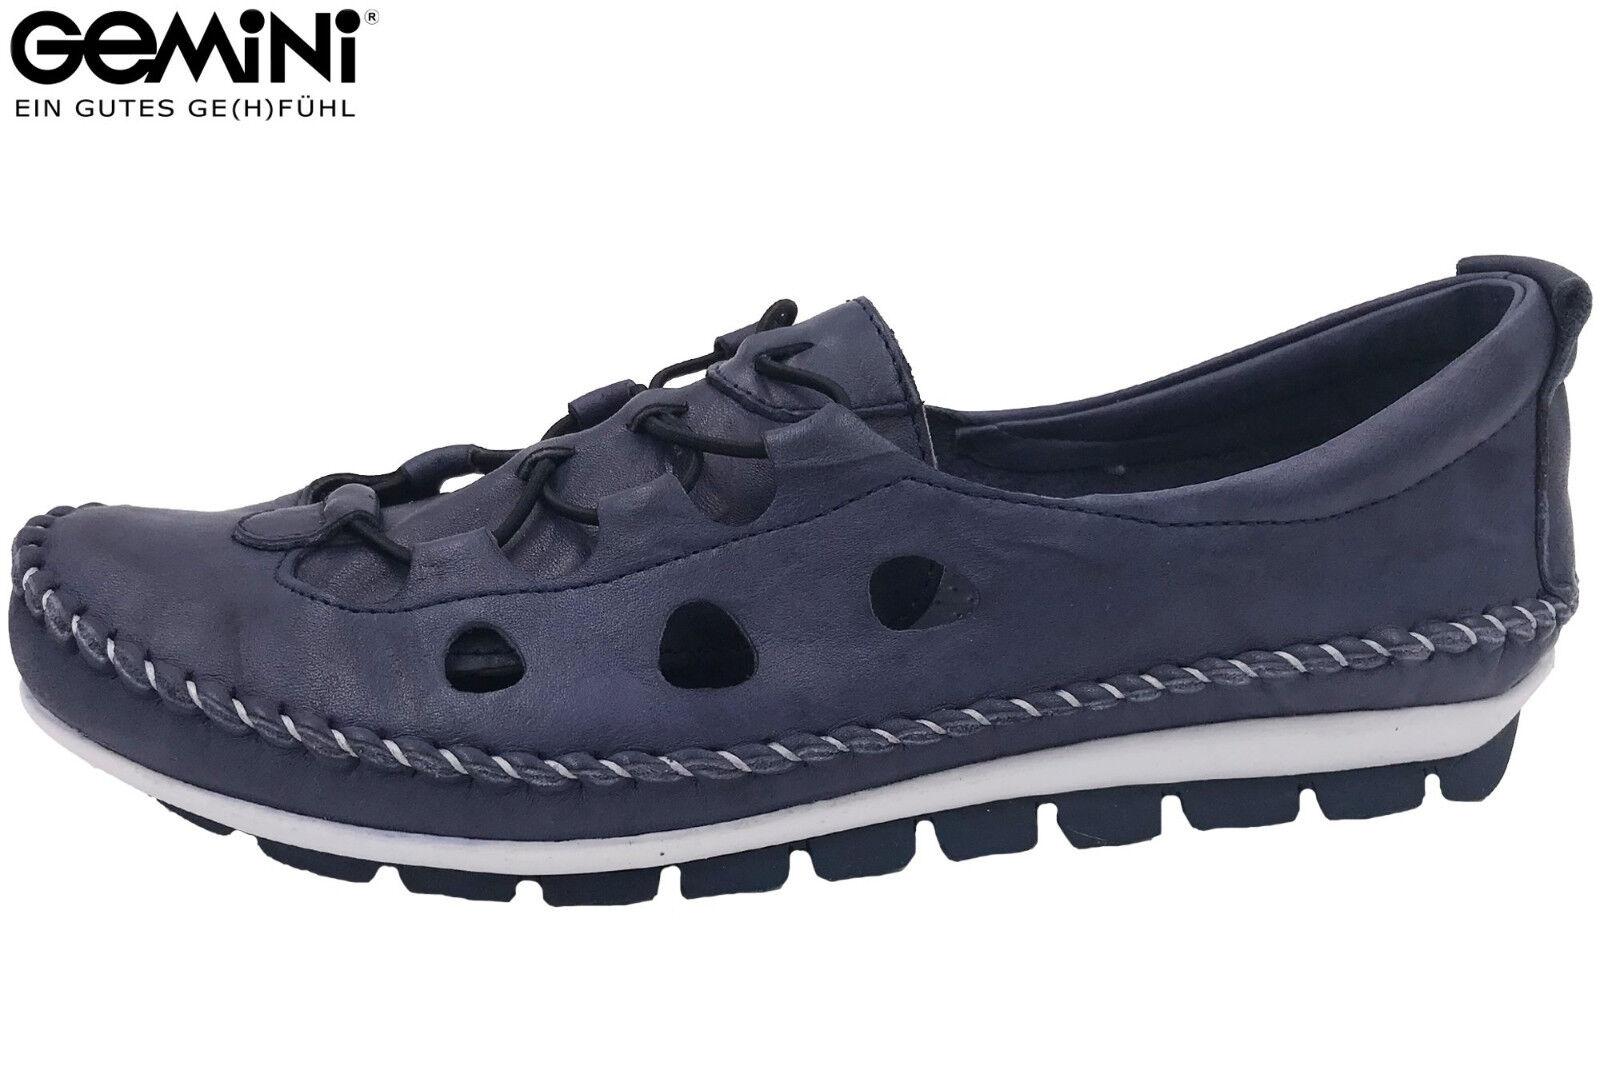 Gemini Damen Slipper Dunkel Blau Sommer Schuhe Leder Ballerina 3115-01-802 NEU